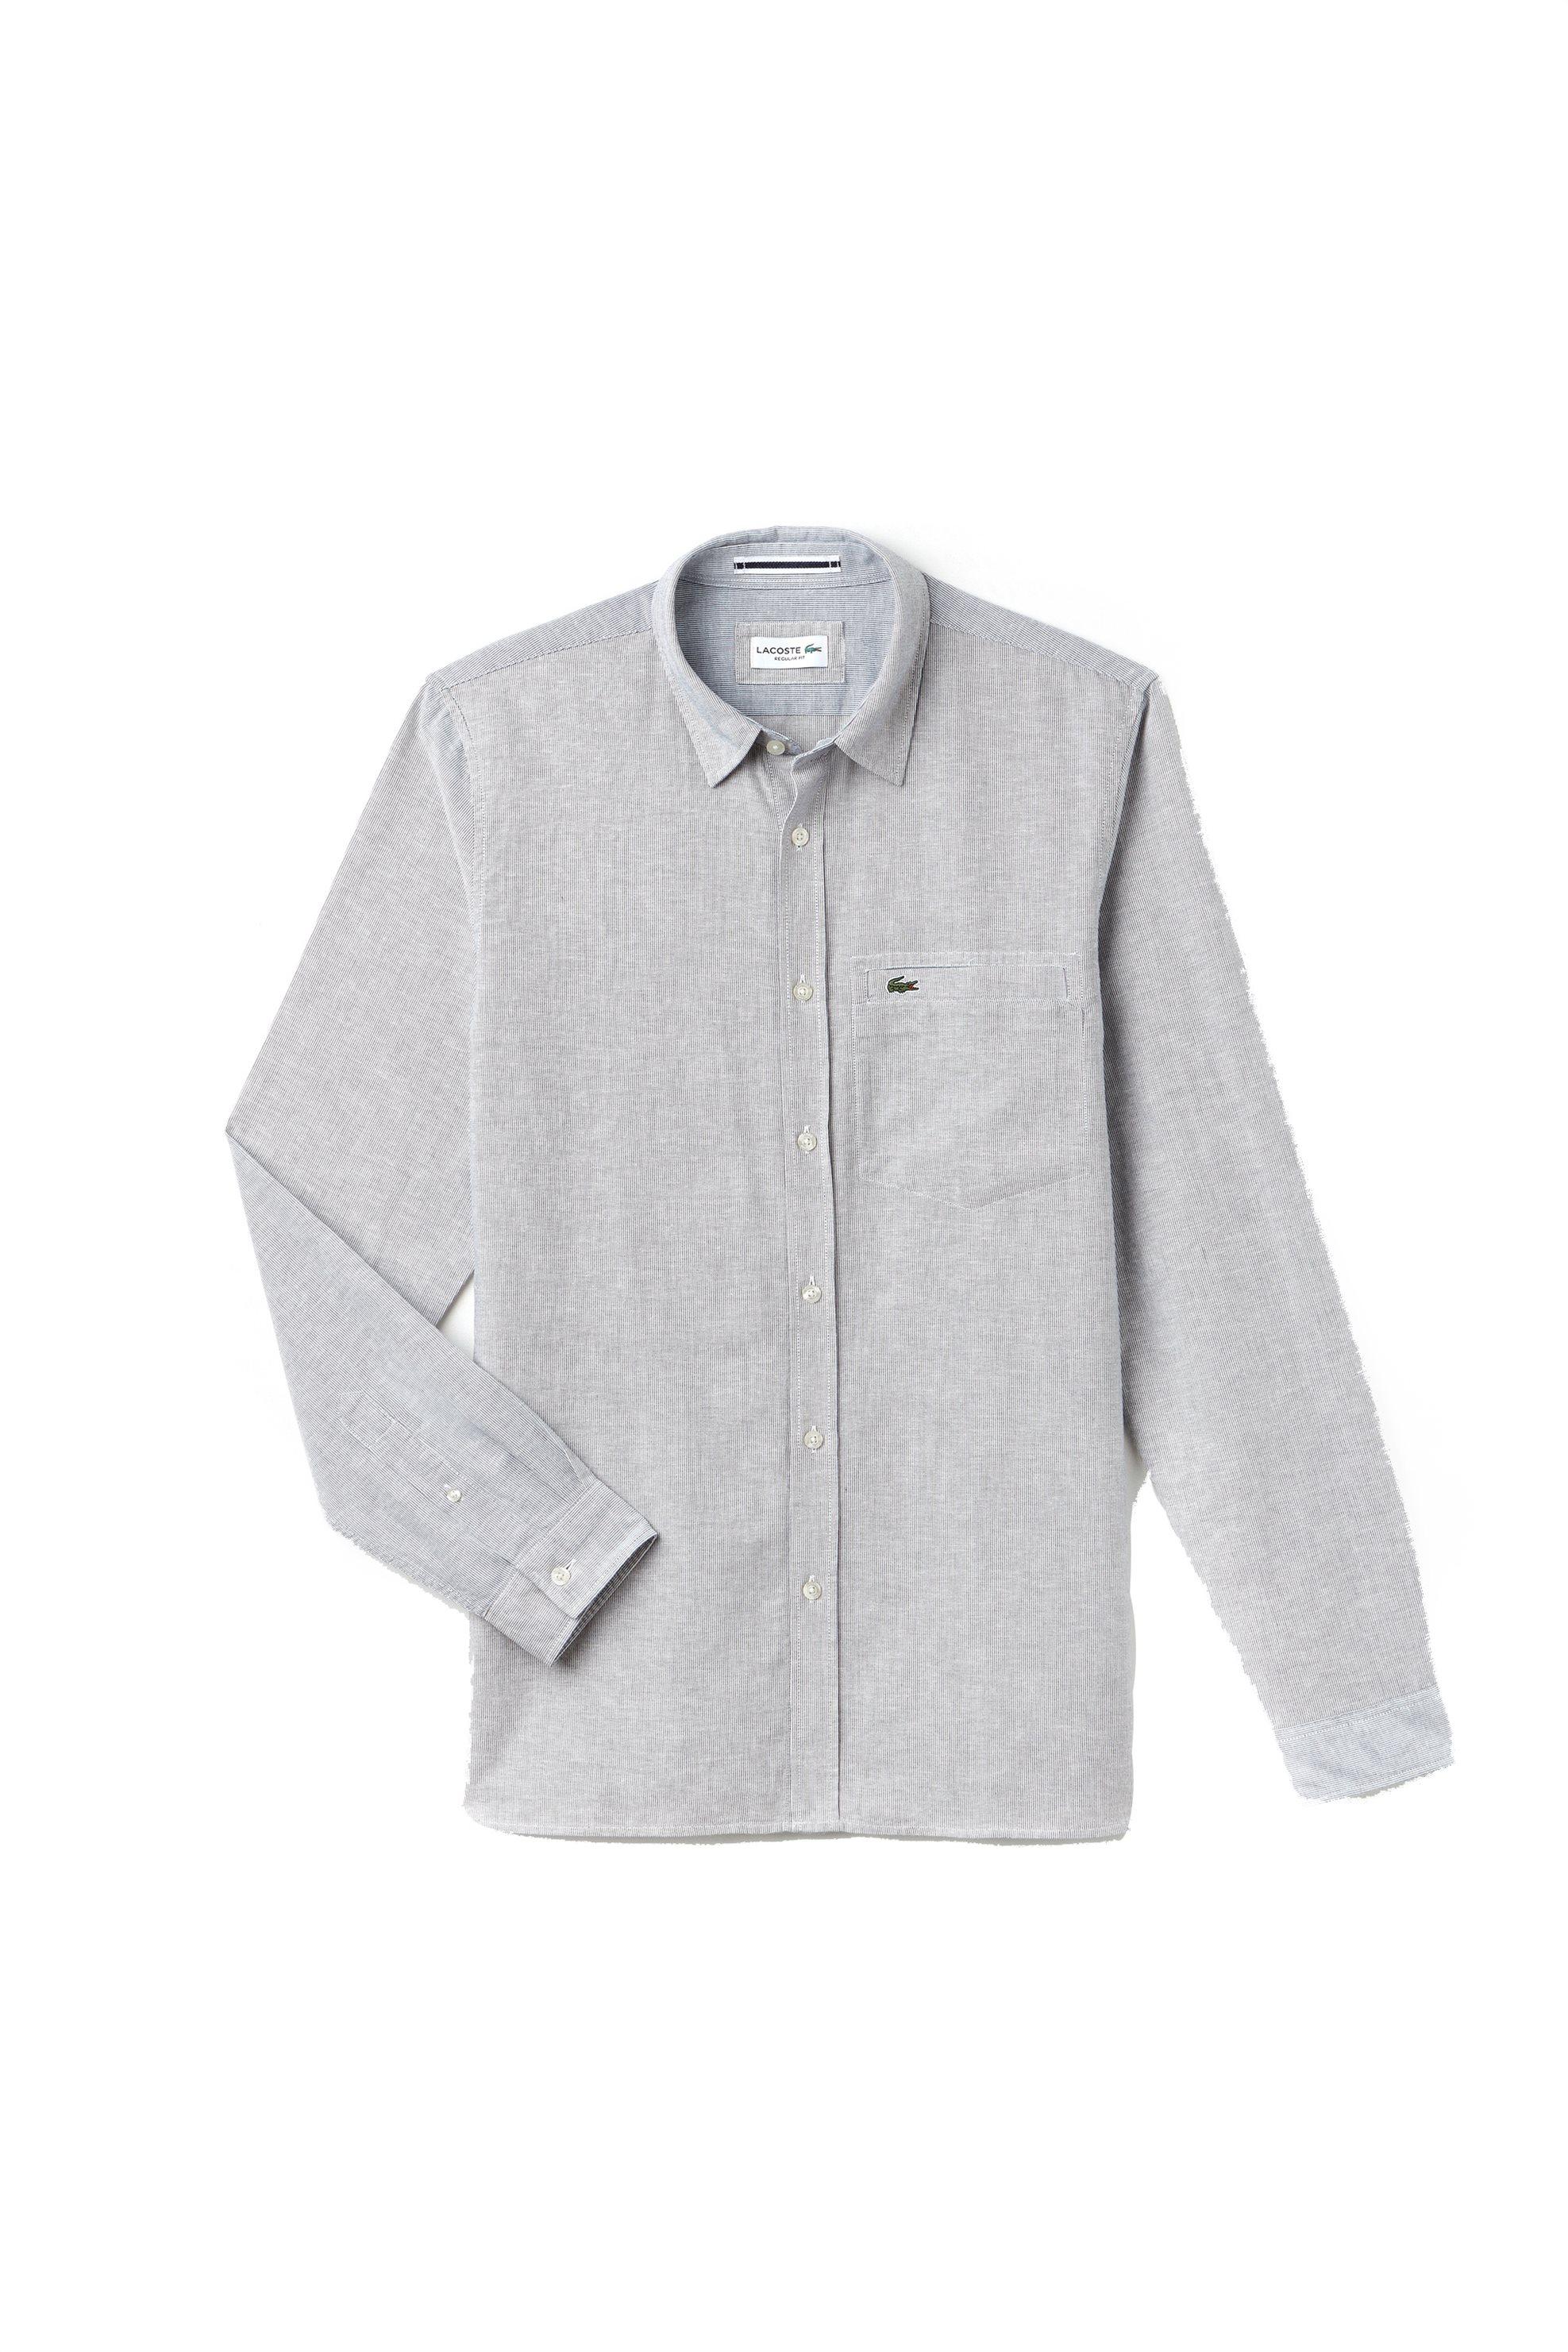 Ανδρικό ριγέ πουκάμισο Spring Bloom S/S 2018 Collection Lacoste - CH4999 - Μπλε  ανδρασ   ρουχα   πουκάμισα   casual